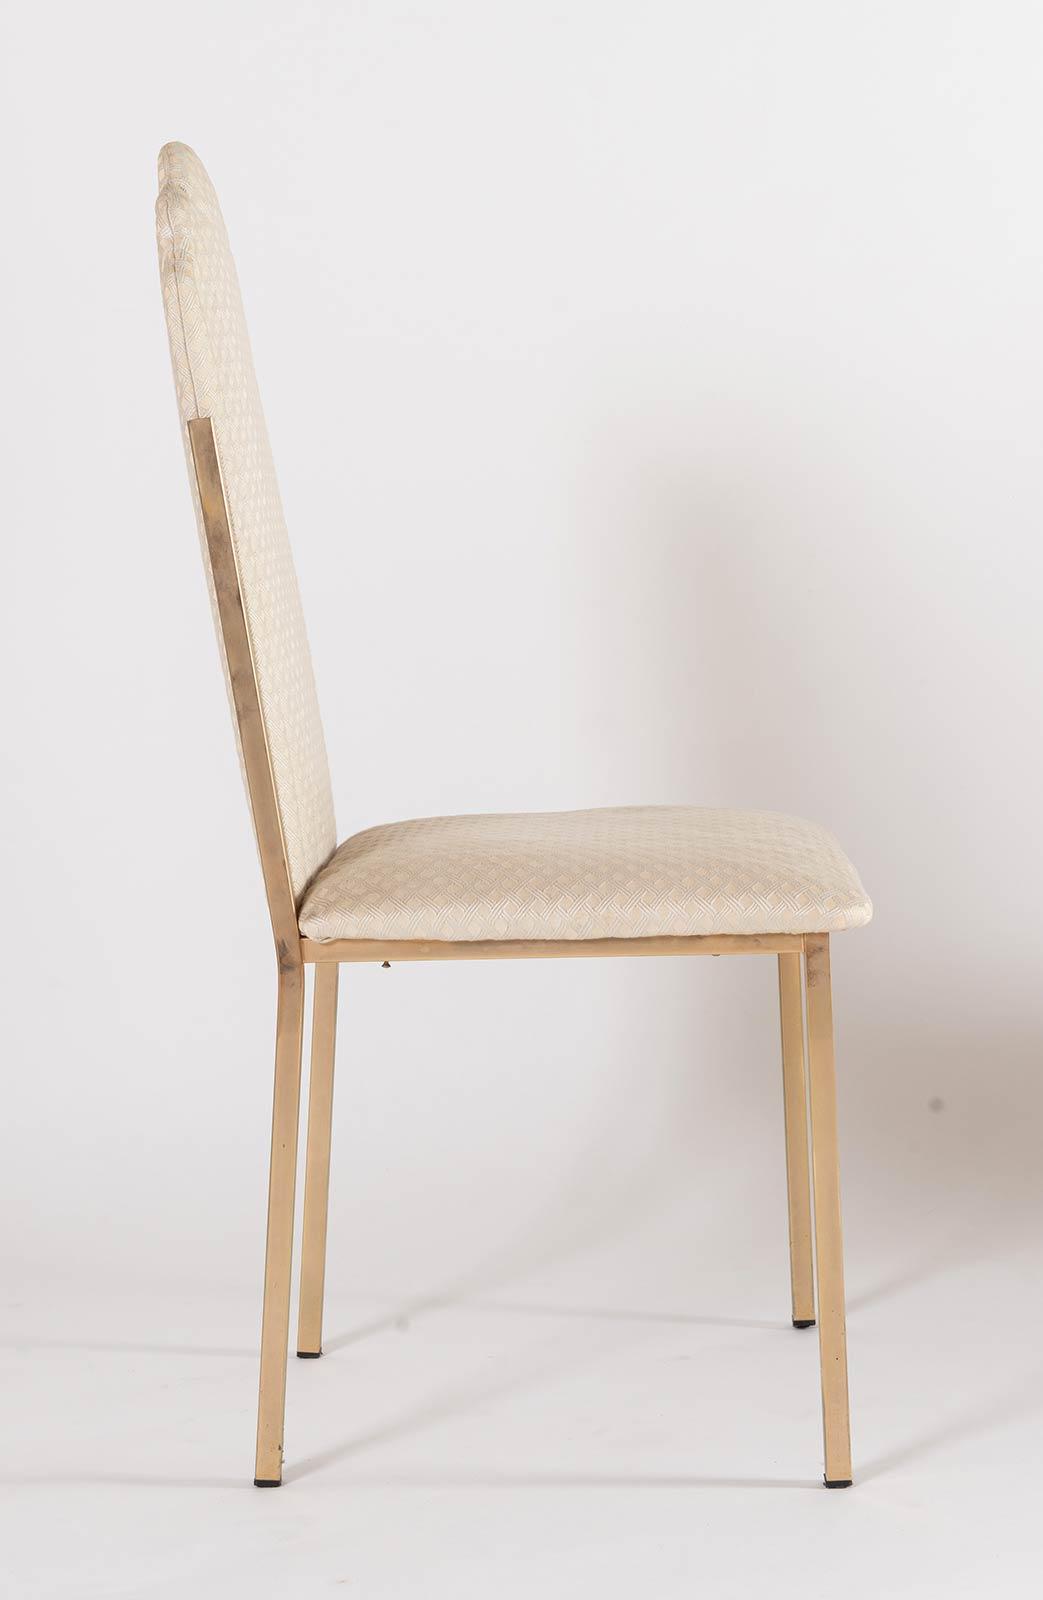 Alain Delon per Maison Jansen, Otto sedie AD 026, Anni '70. - Image 5 of 6